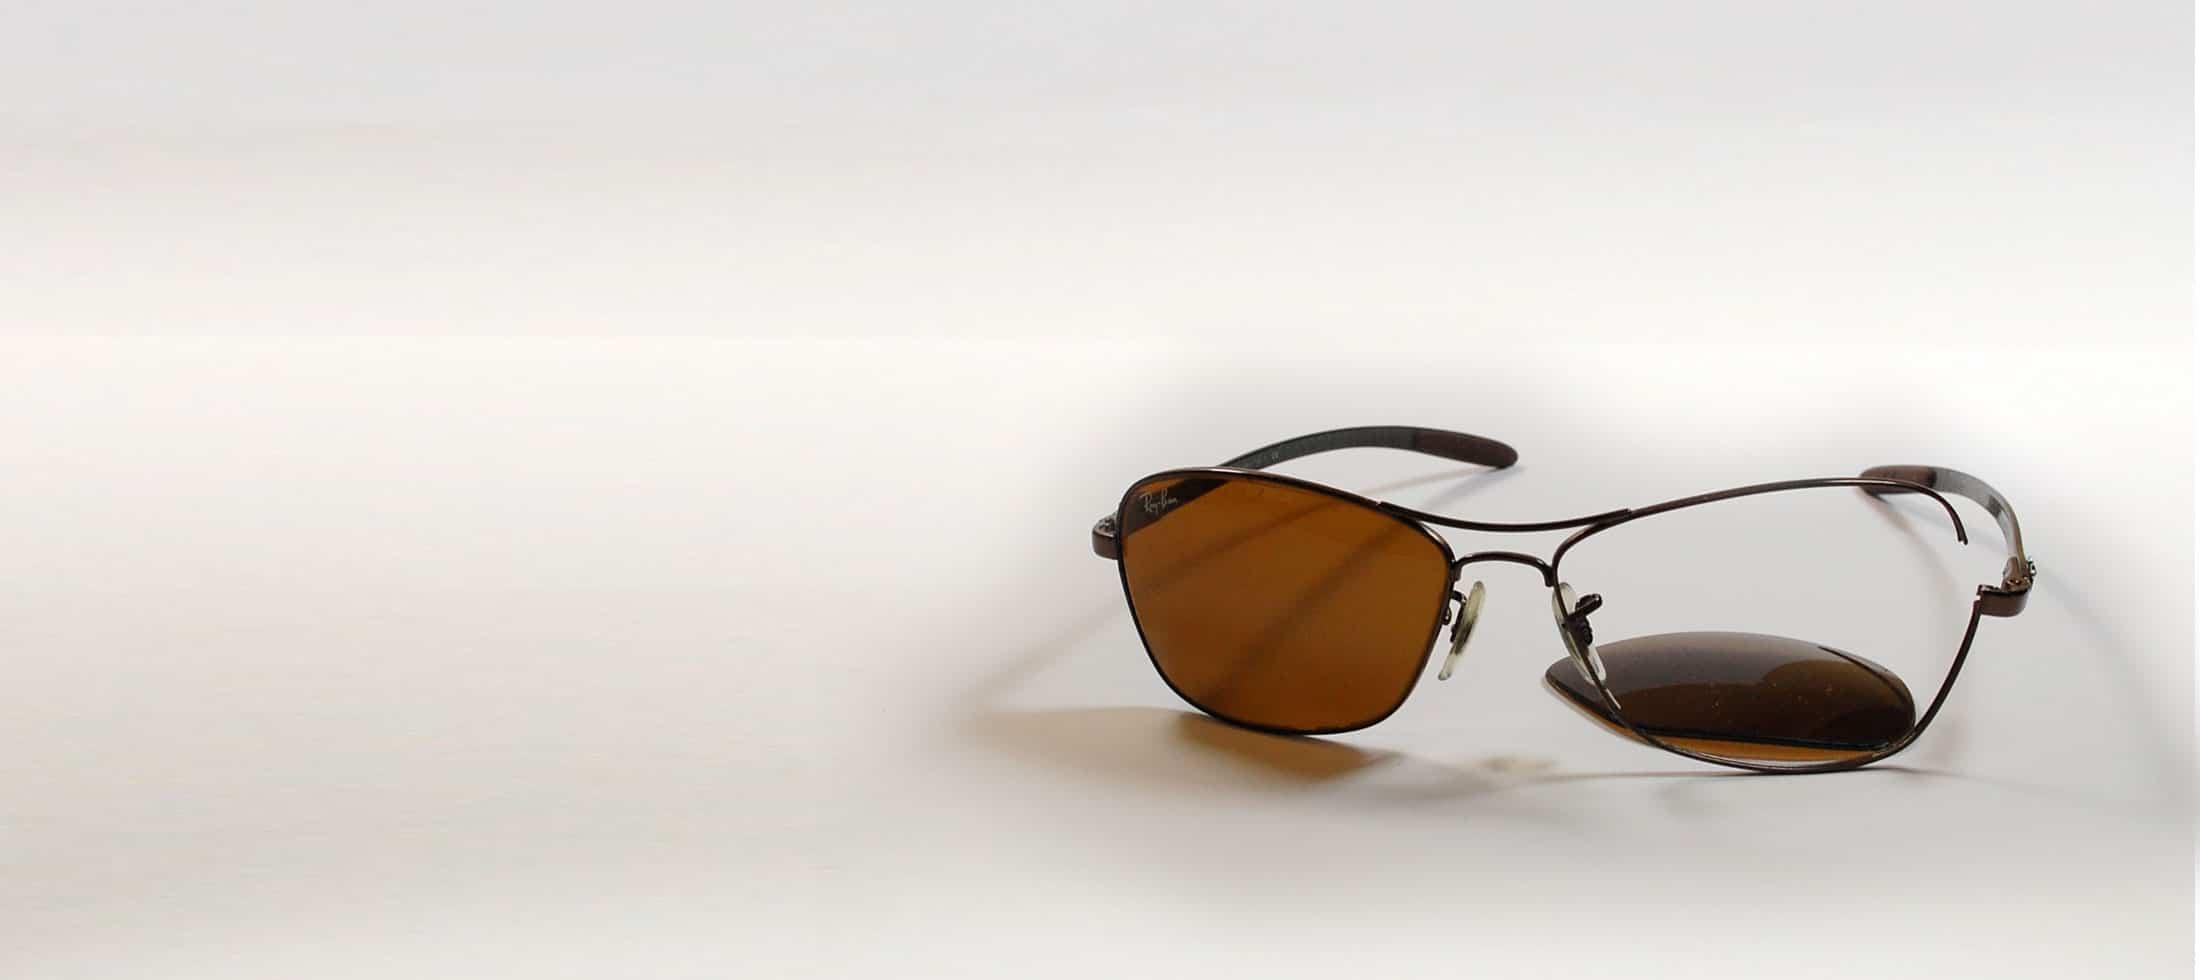 Titanium Glasses Frames Repair : fixmyglasses affordable eyewear repairs we fix broken ...